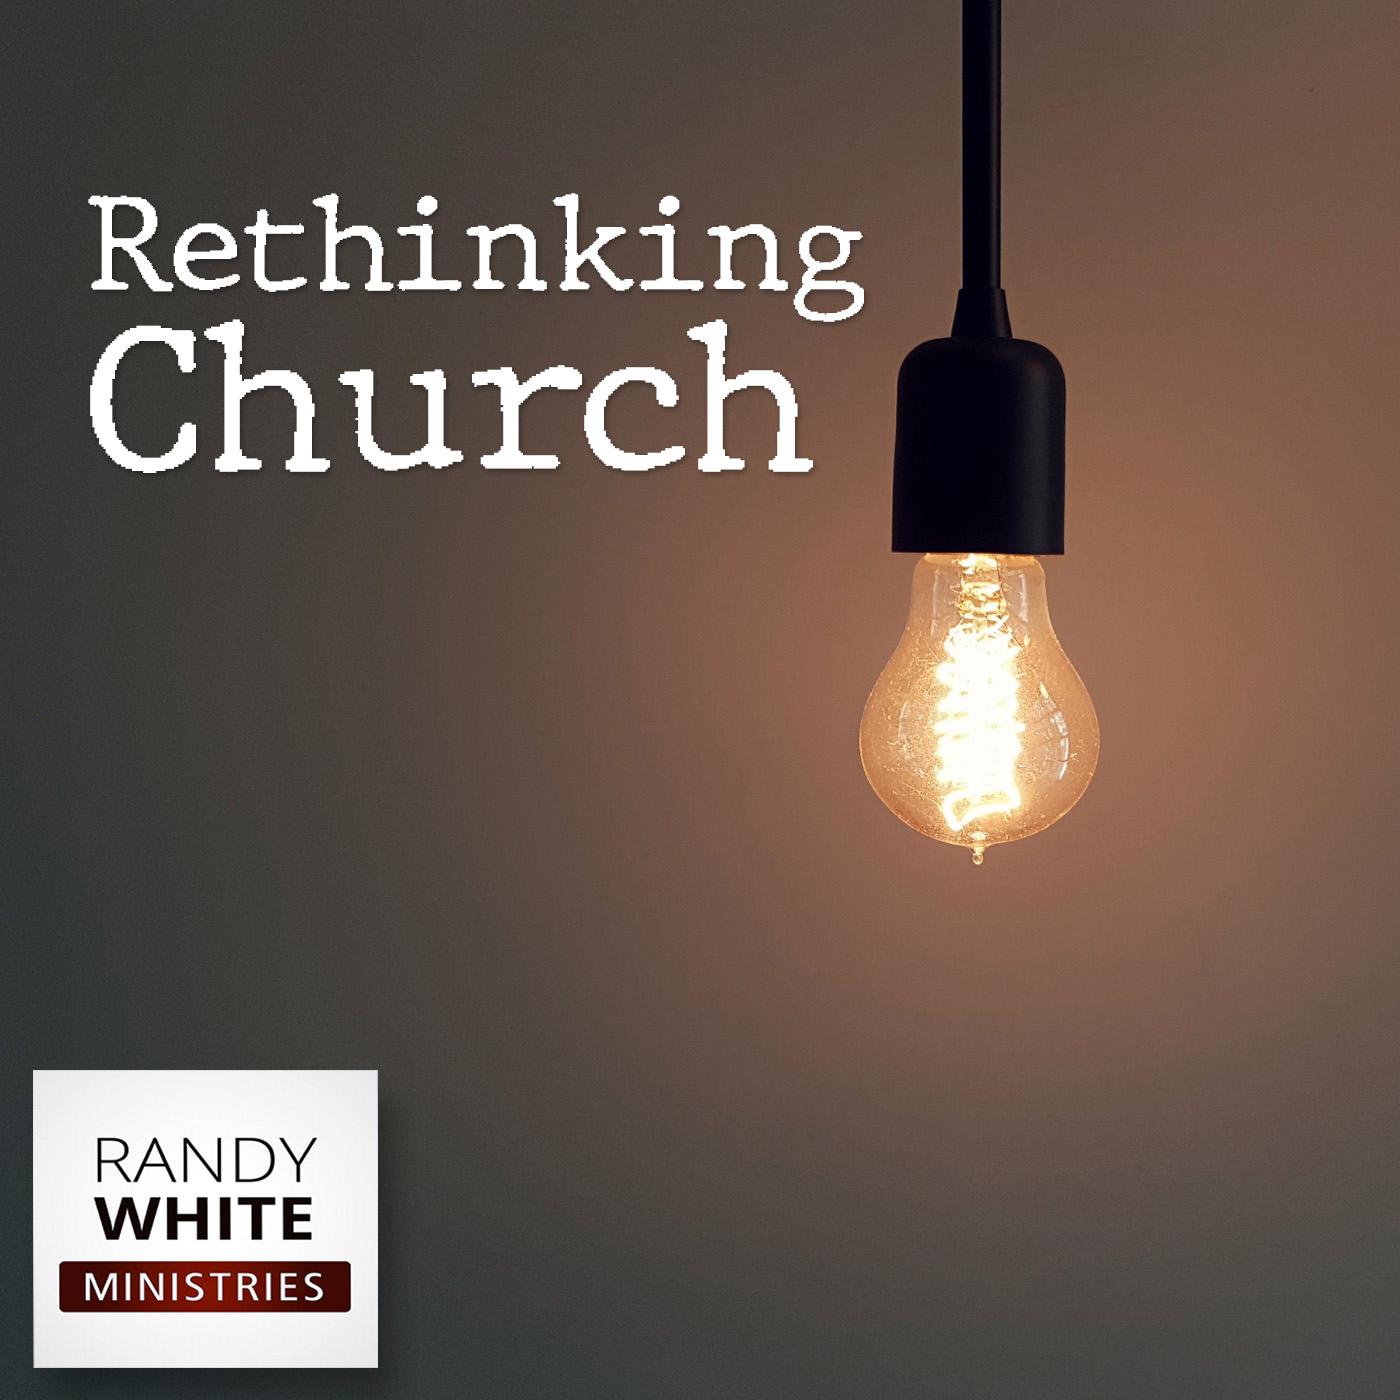 RWM: Rethinking Church